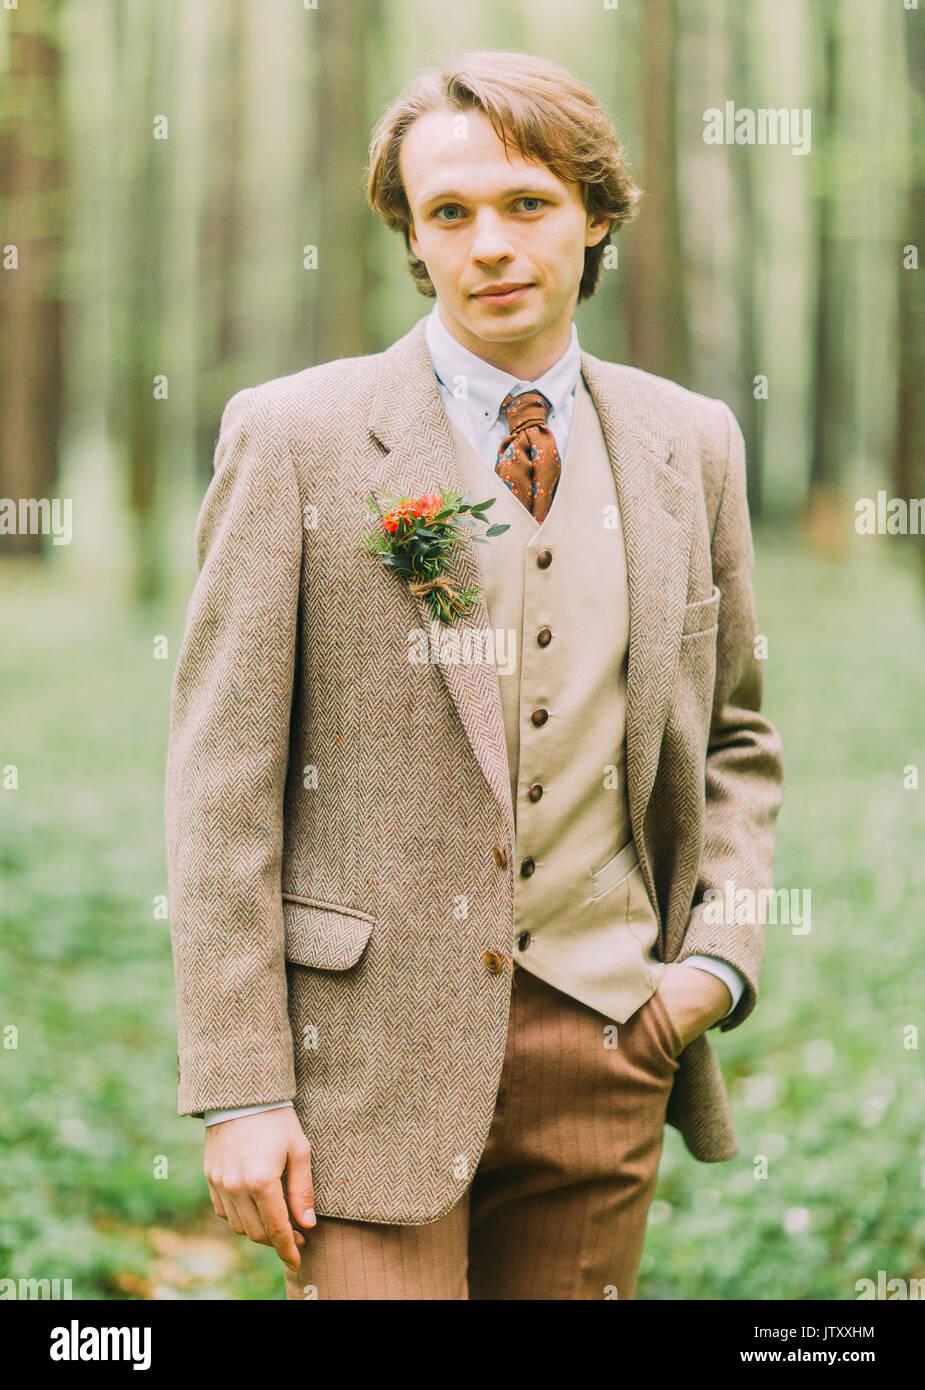 Mann In Der Vintage Anzug Mit Mini Blumenstrauss Ist Auf Der Jacke